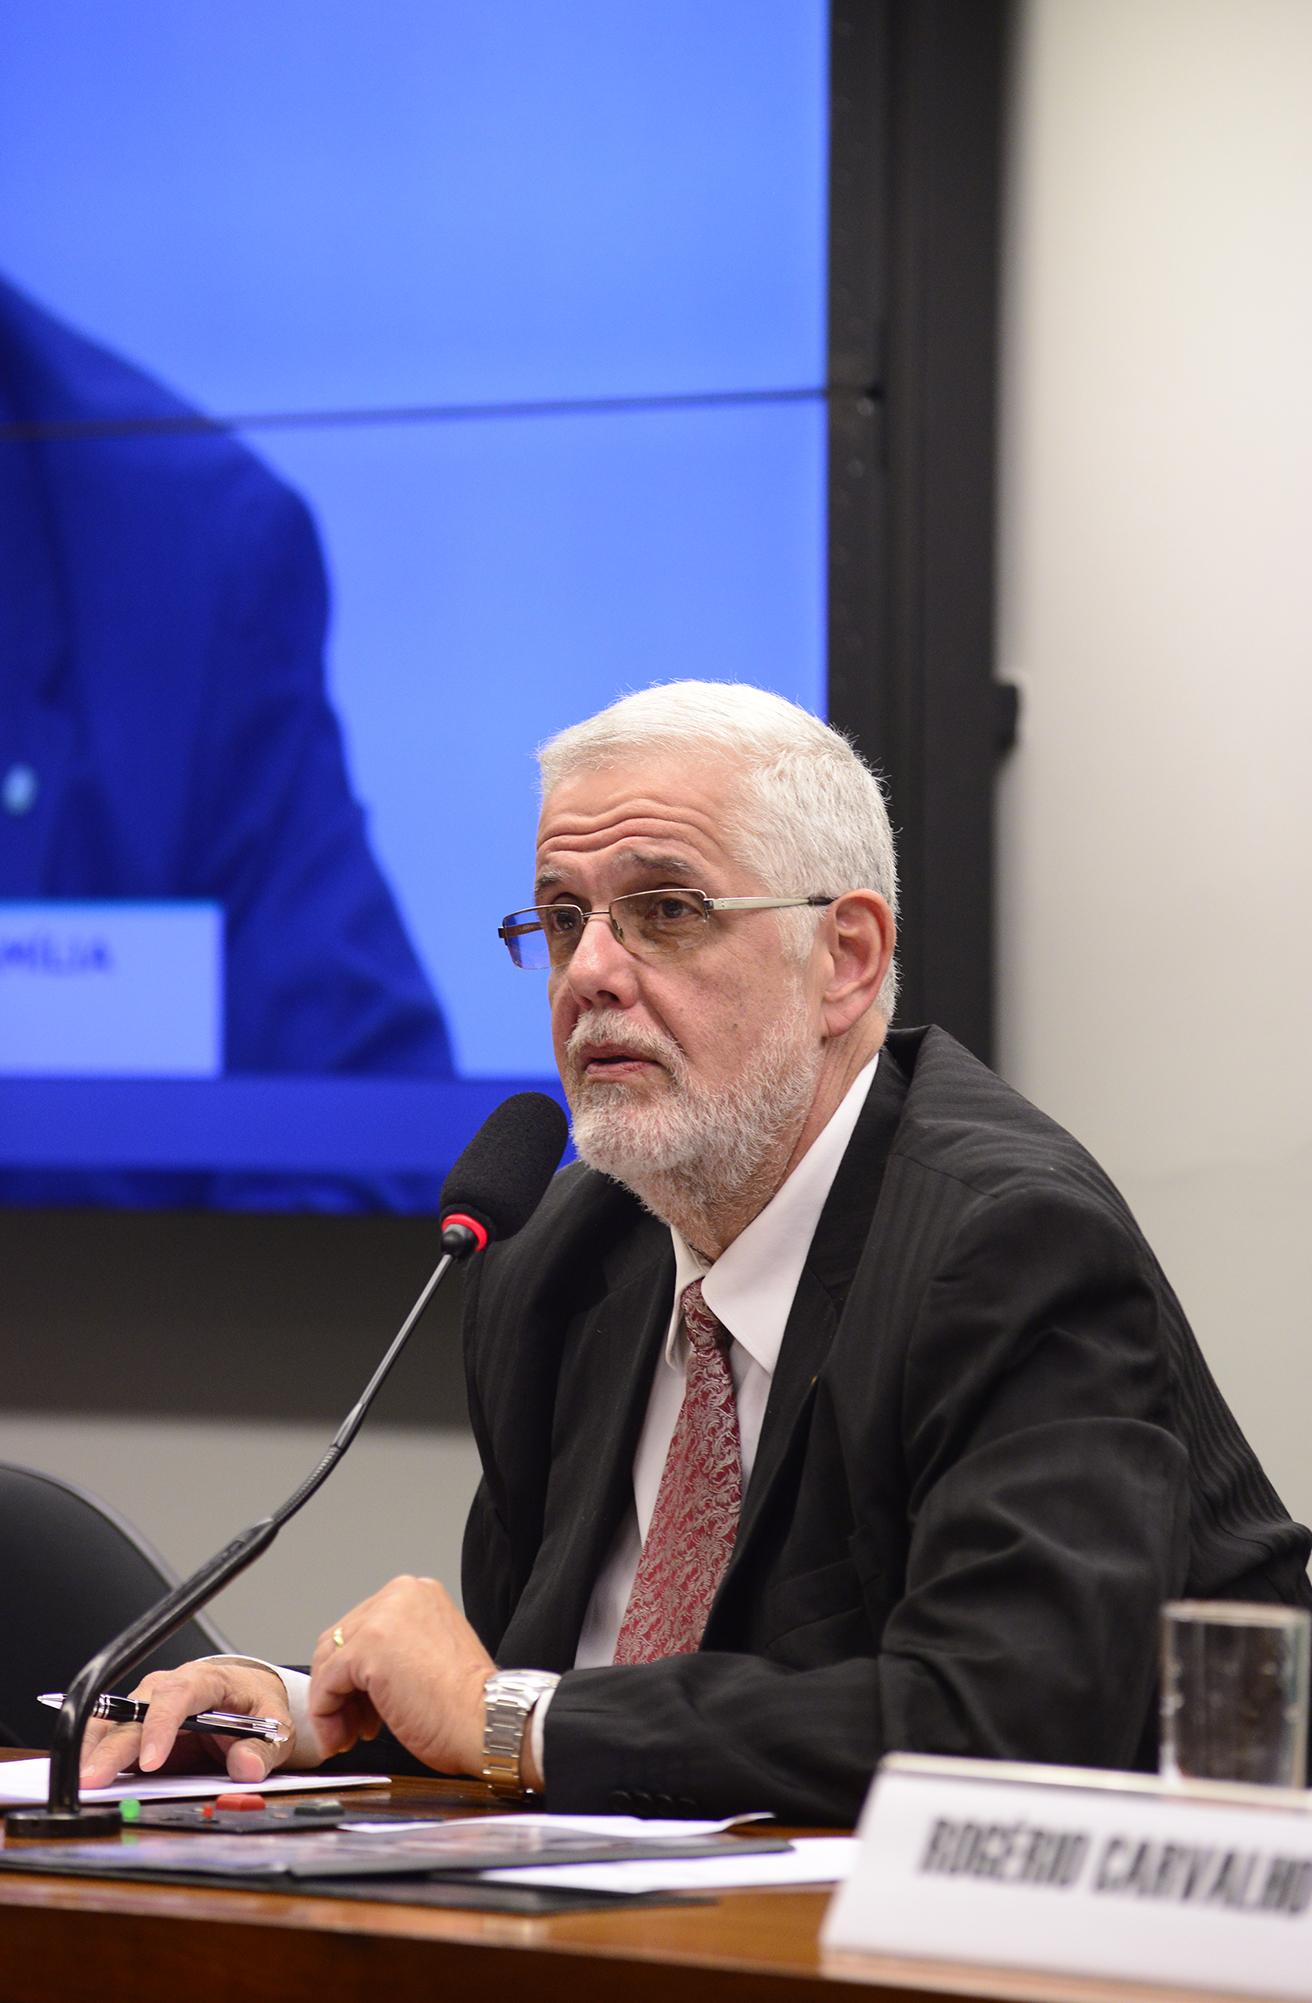 Fórum Internacional de Sistema de Saúde Comparados. Dep. Jorge Solla (PT-BA)